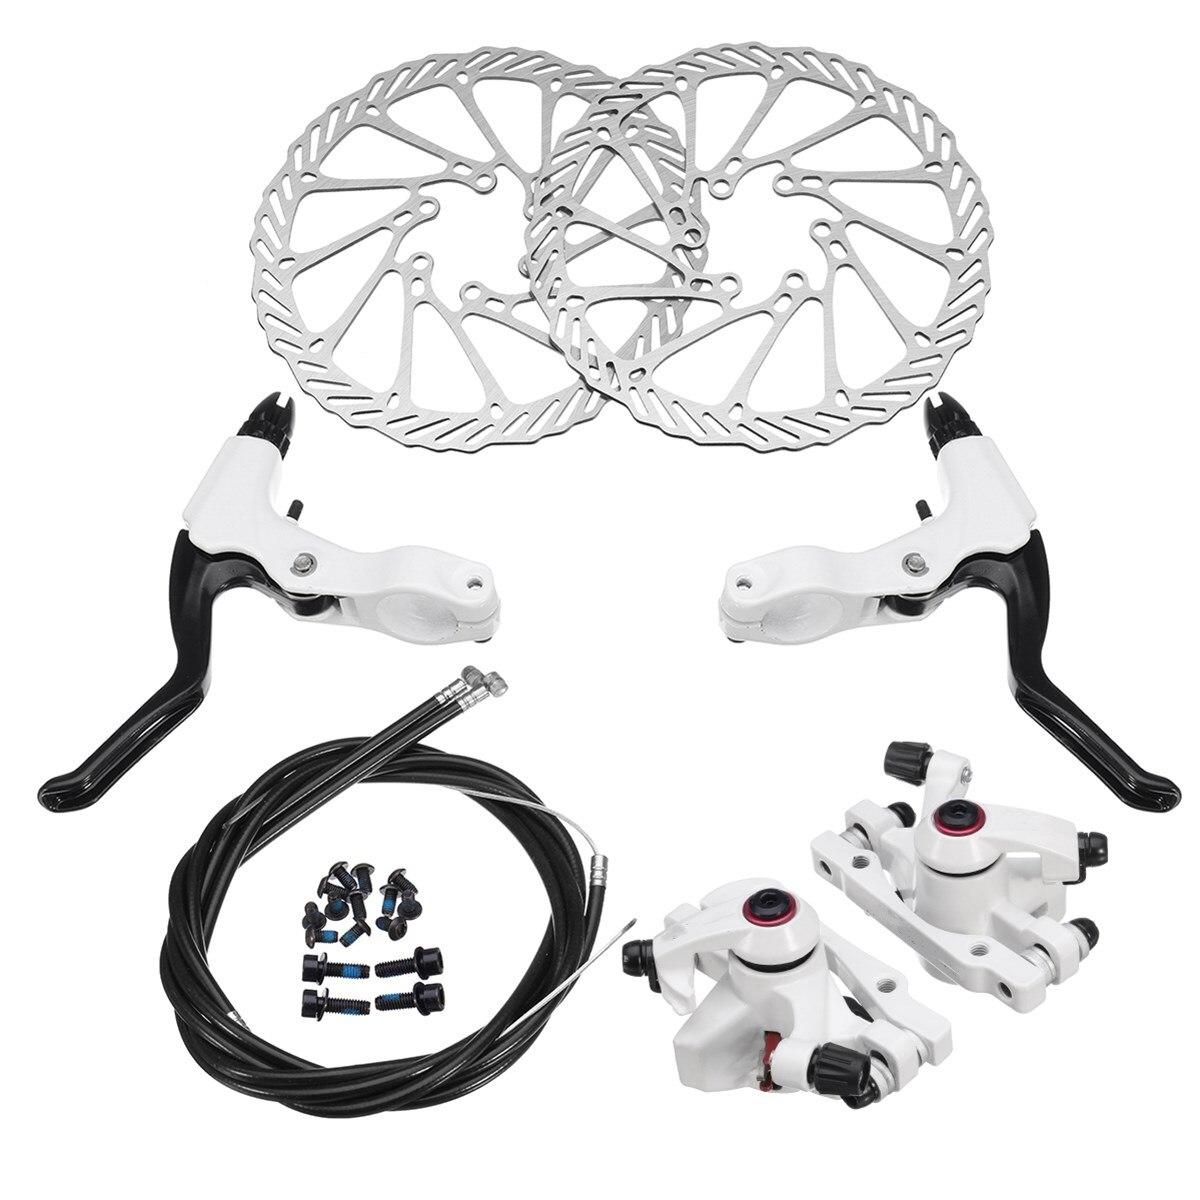 Vélo vélo frein à disque ensemble vélo frein ensemble avant arrière mécanique frein à disque étrier 160mm Rotors nouveau vtt vélo frein disque